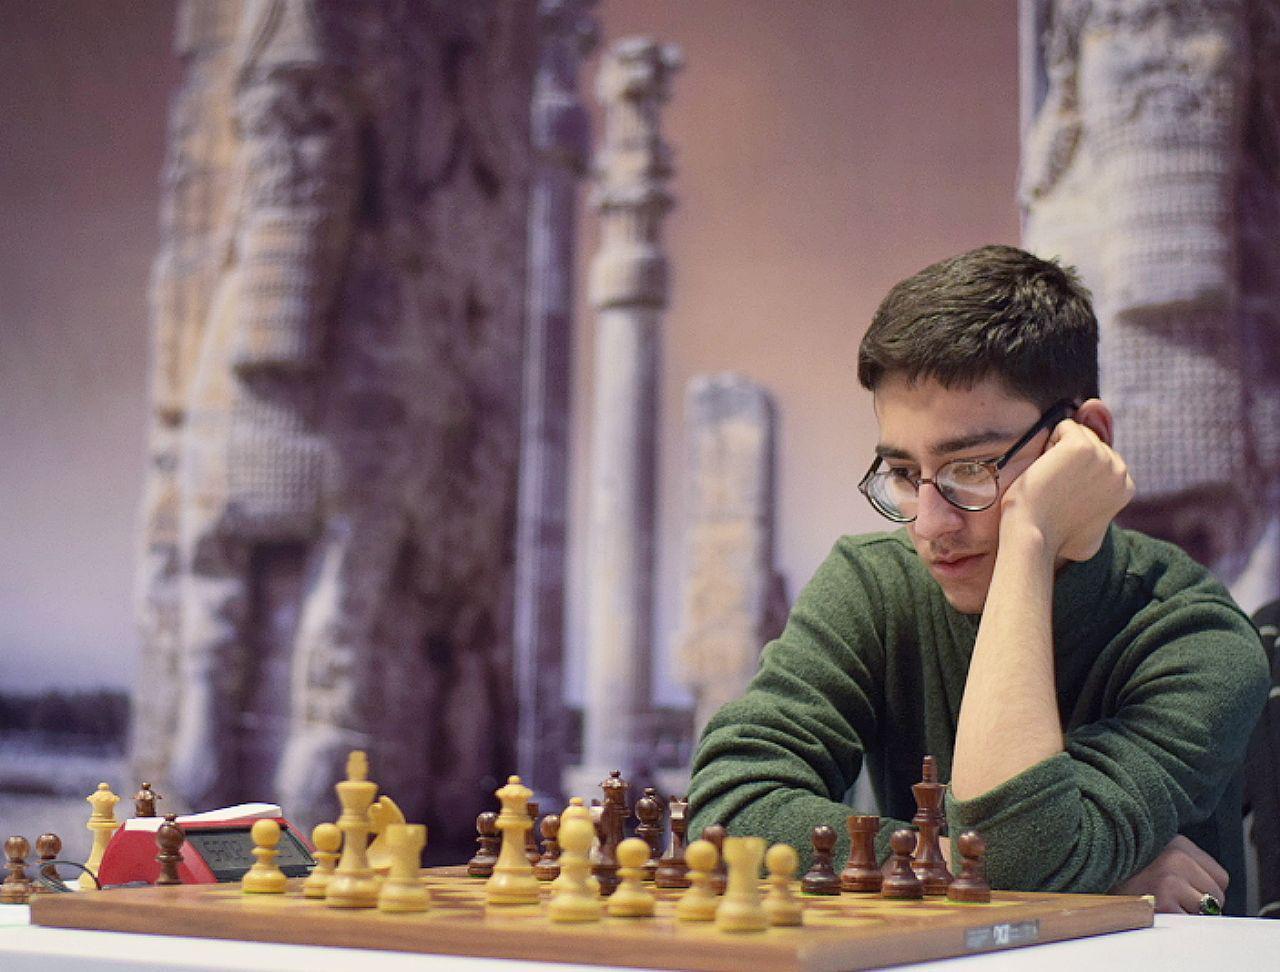 غلامی: حضور در رزمایش مومنانه وظیفه من بود/ فدراسیون شطرنج روی هوا است